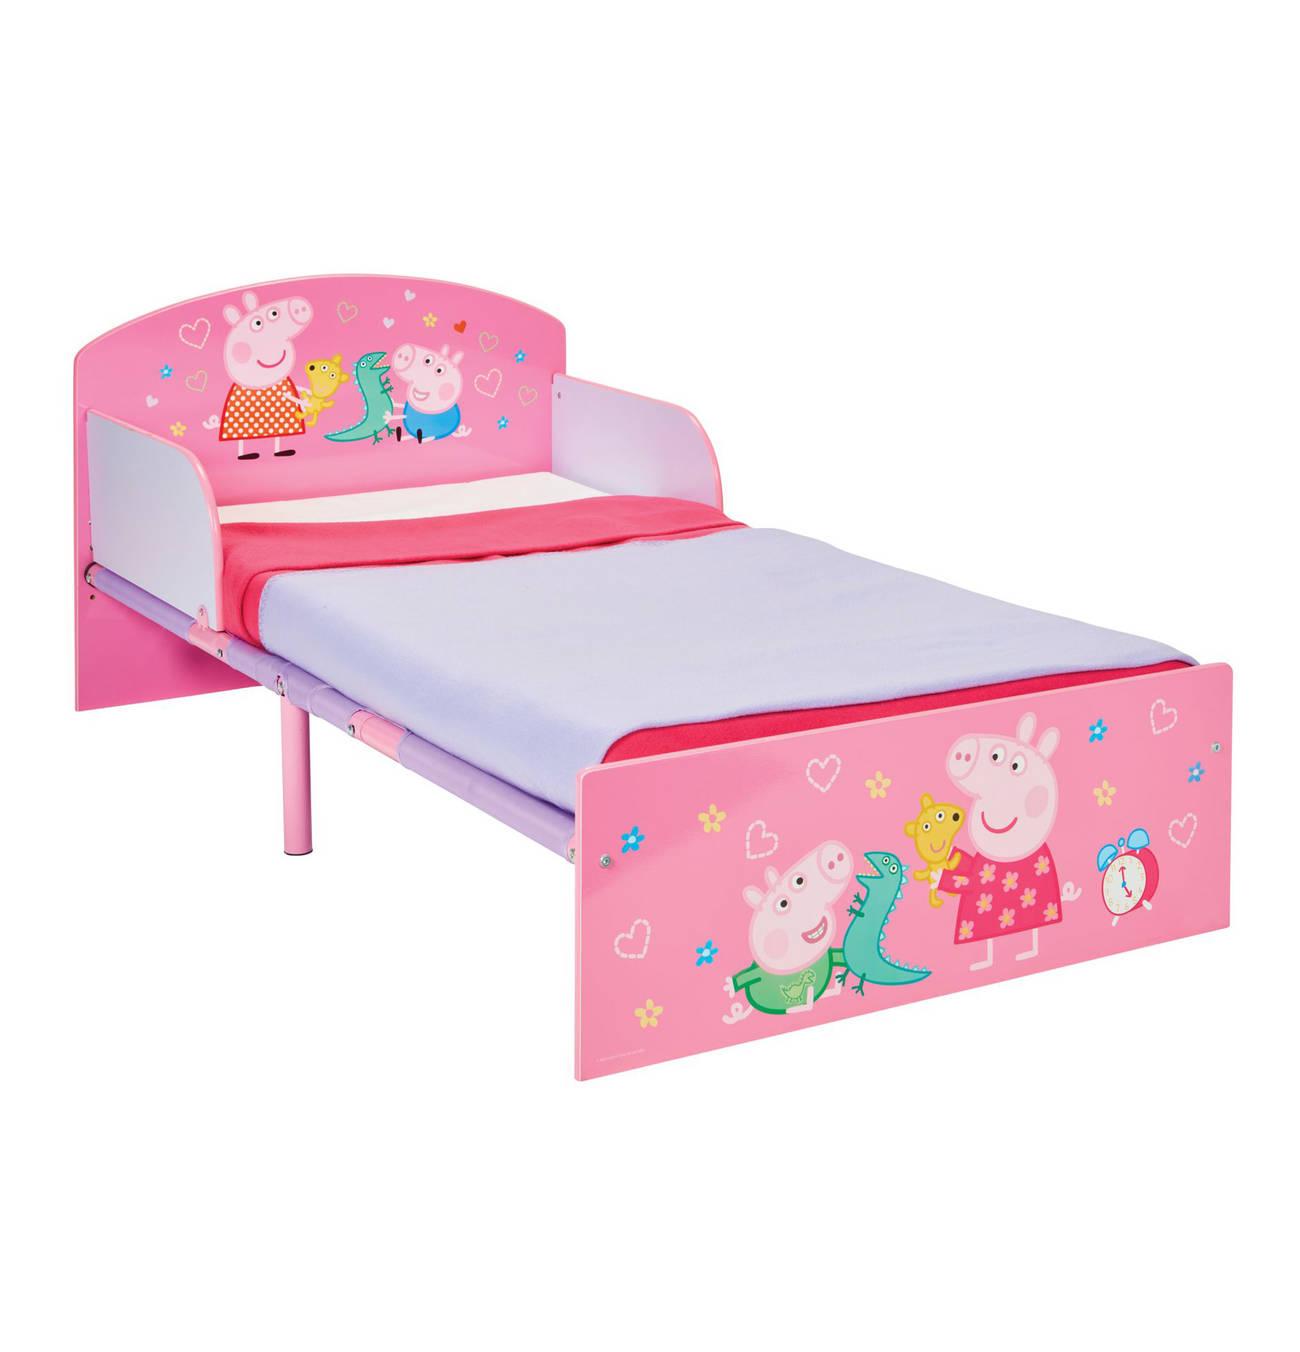 Kinderbett Peppa Pig In 2019 Products Kinderbett Bett